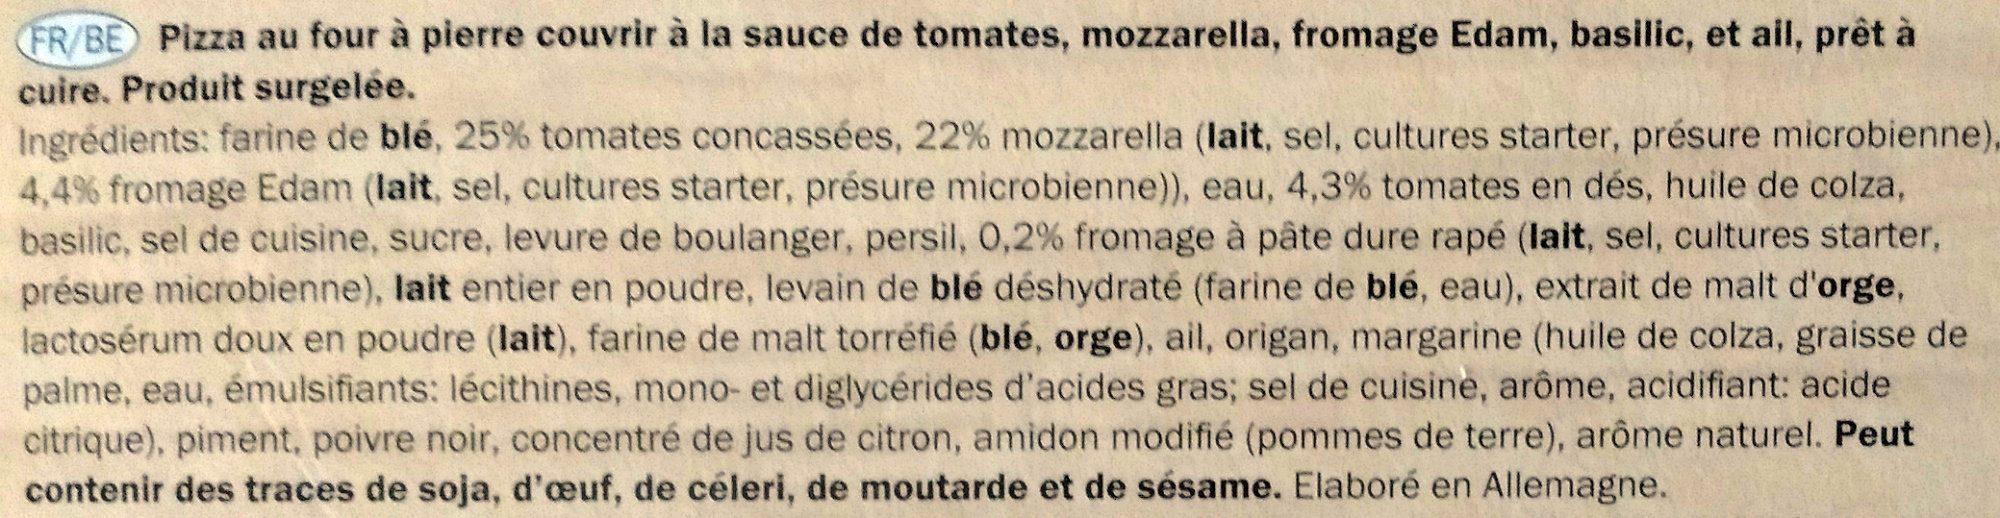 Pizza au four à pierre couvrir à la sauce de tomates - Ingrédients - fr